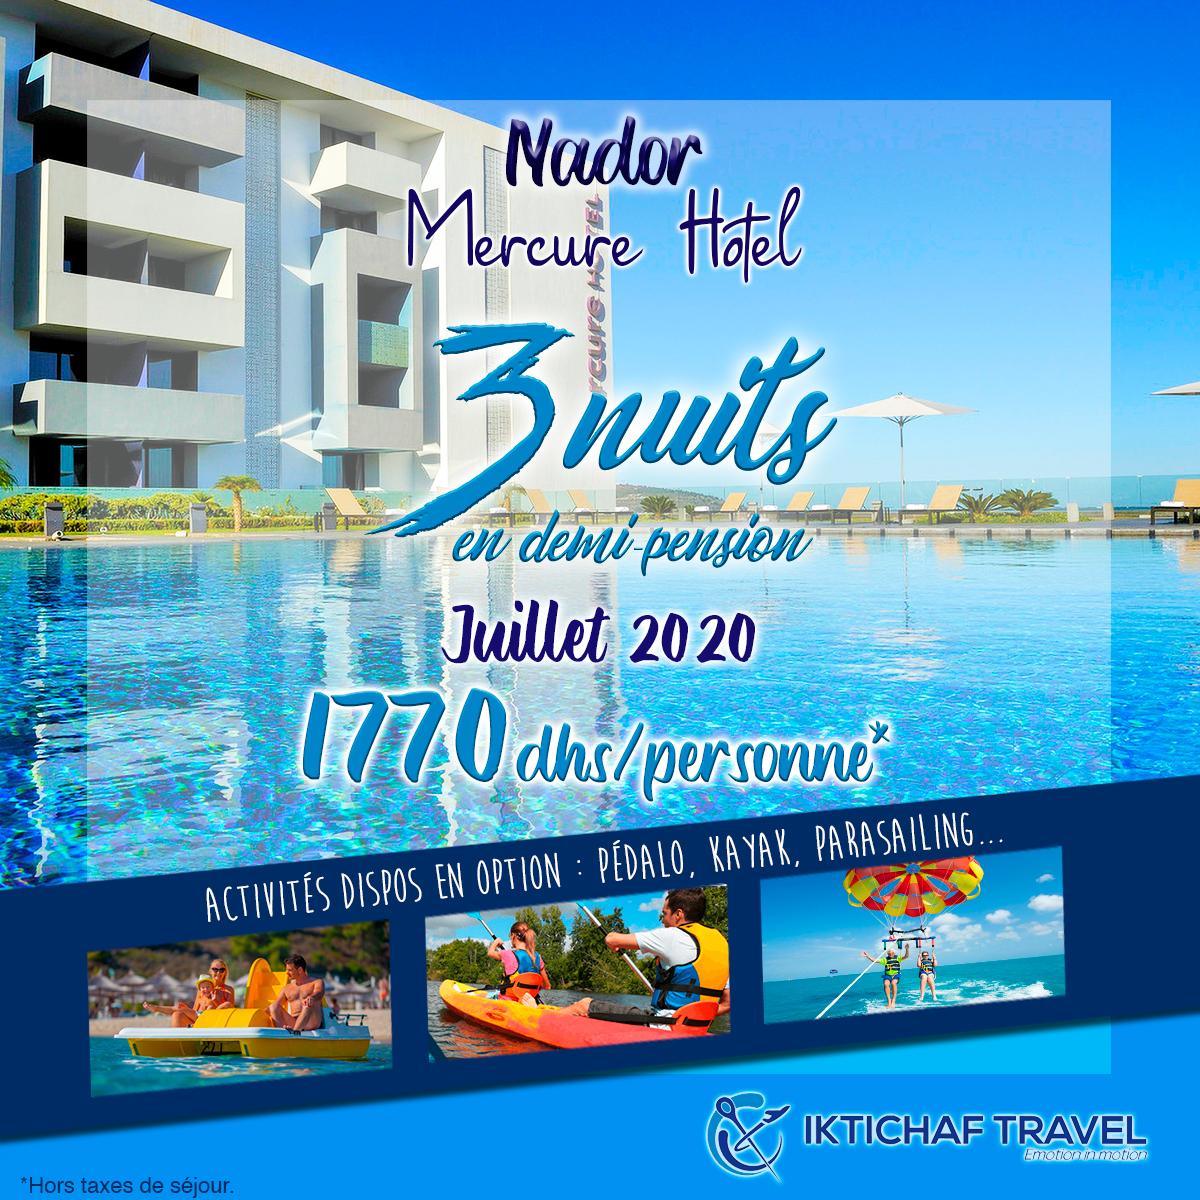 Offres Iktichaf Travel - Mercure Rif Nador